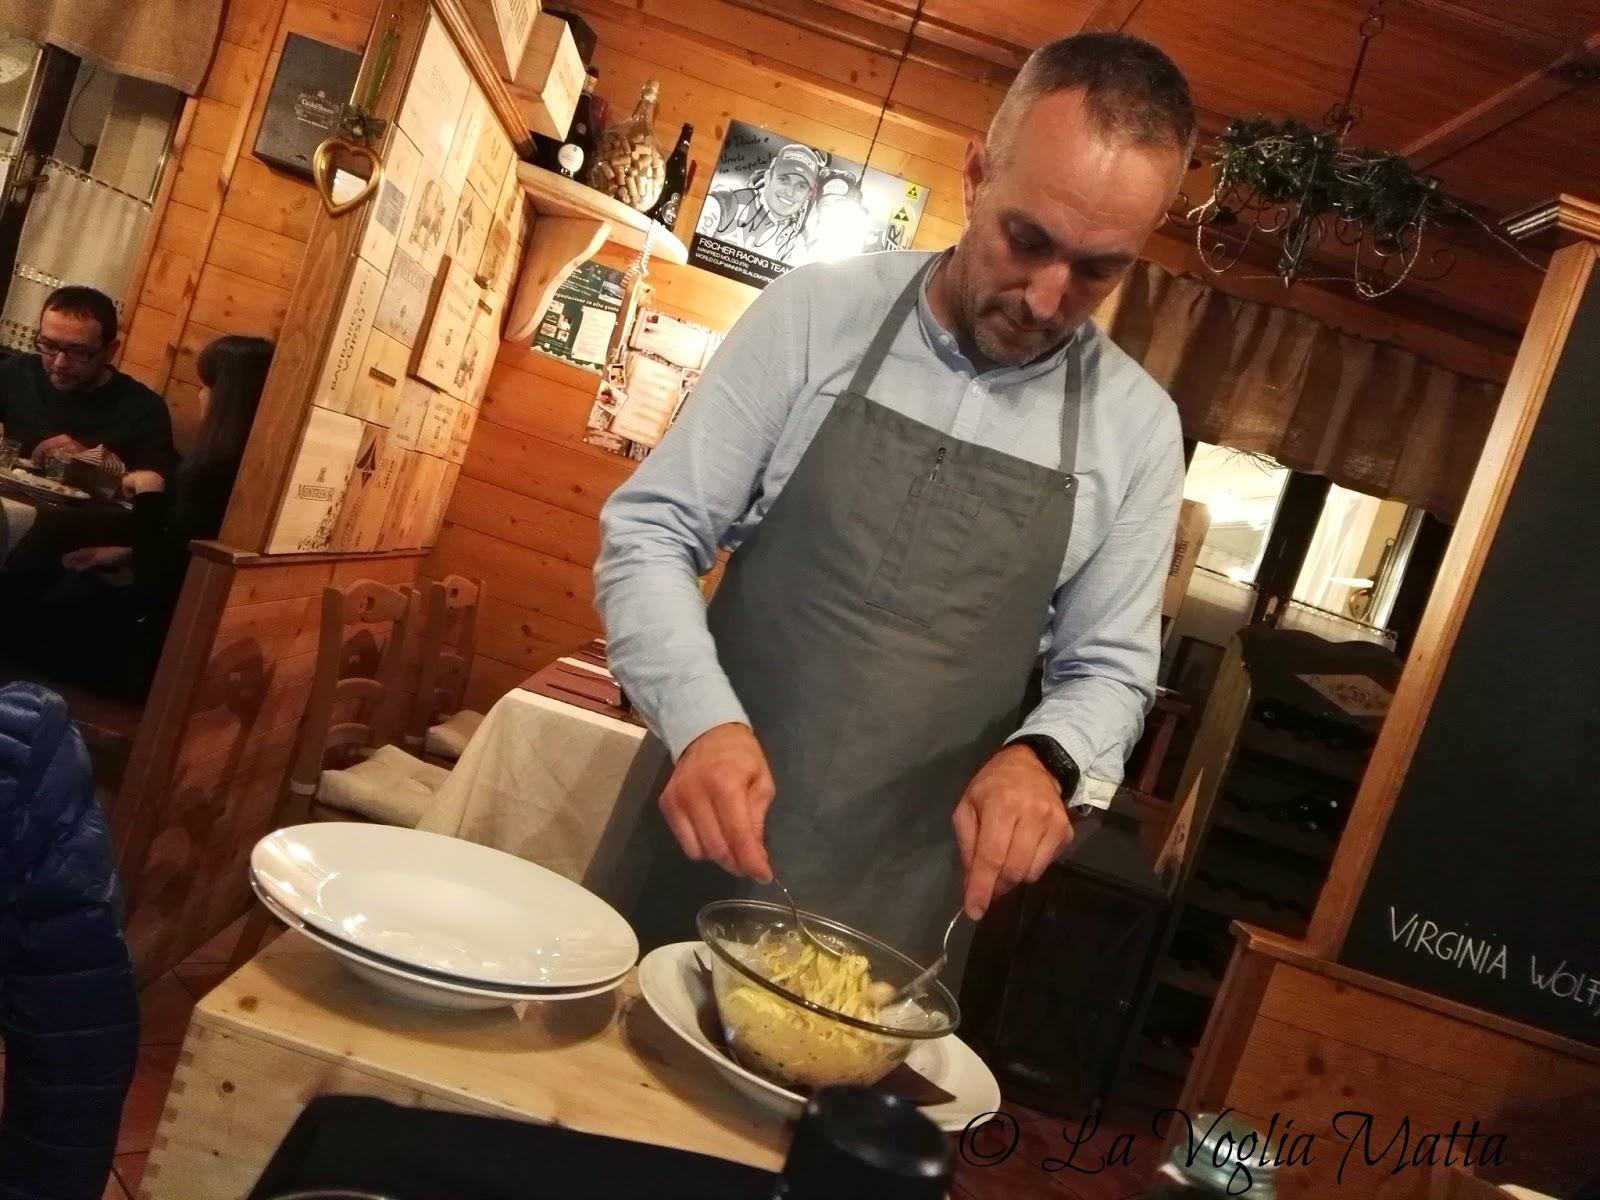 La voglia matta ai tre magnoni alta cucina e simpatia - Cucina in simpatia ...